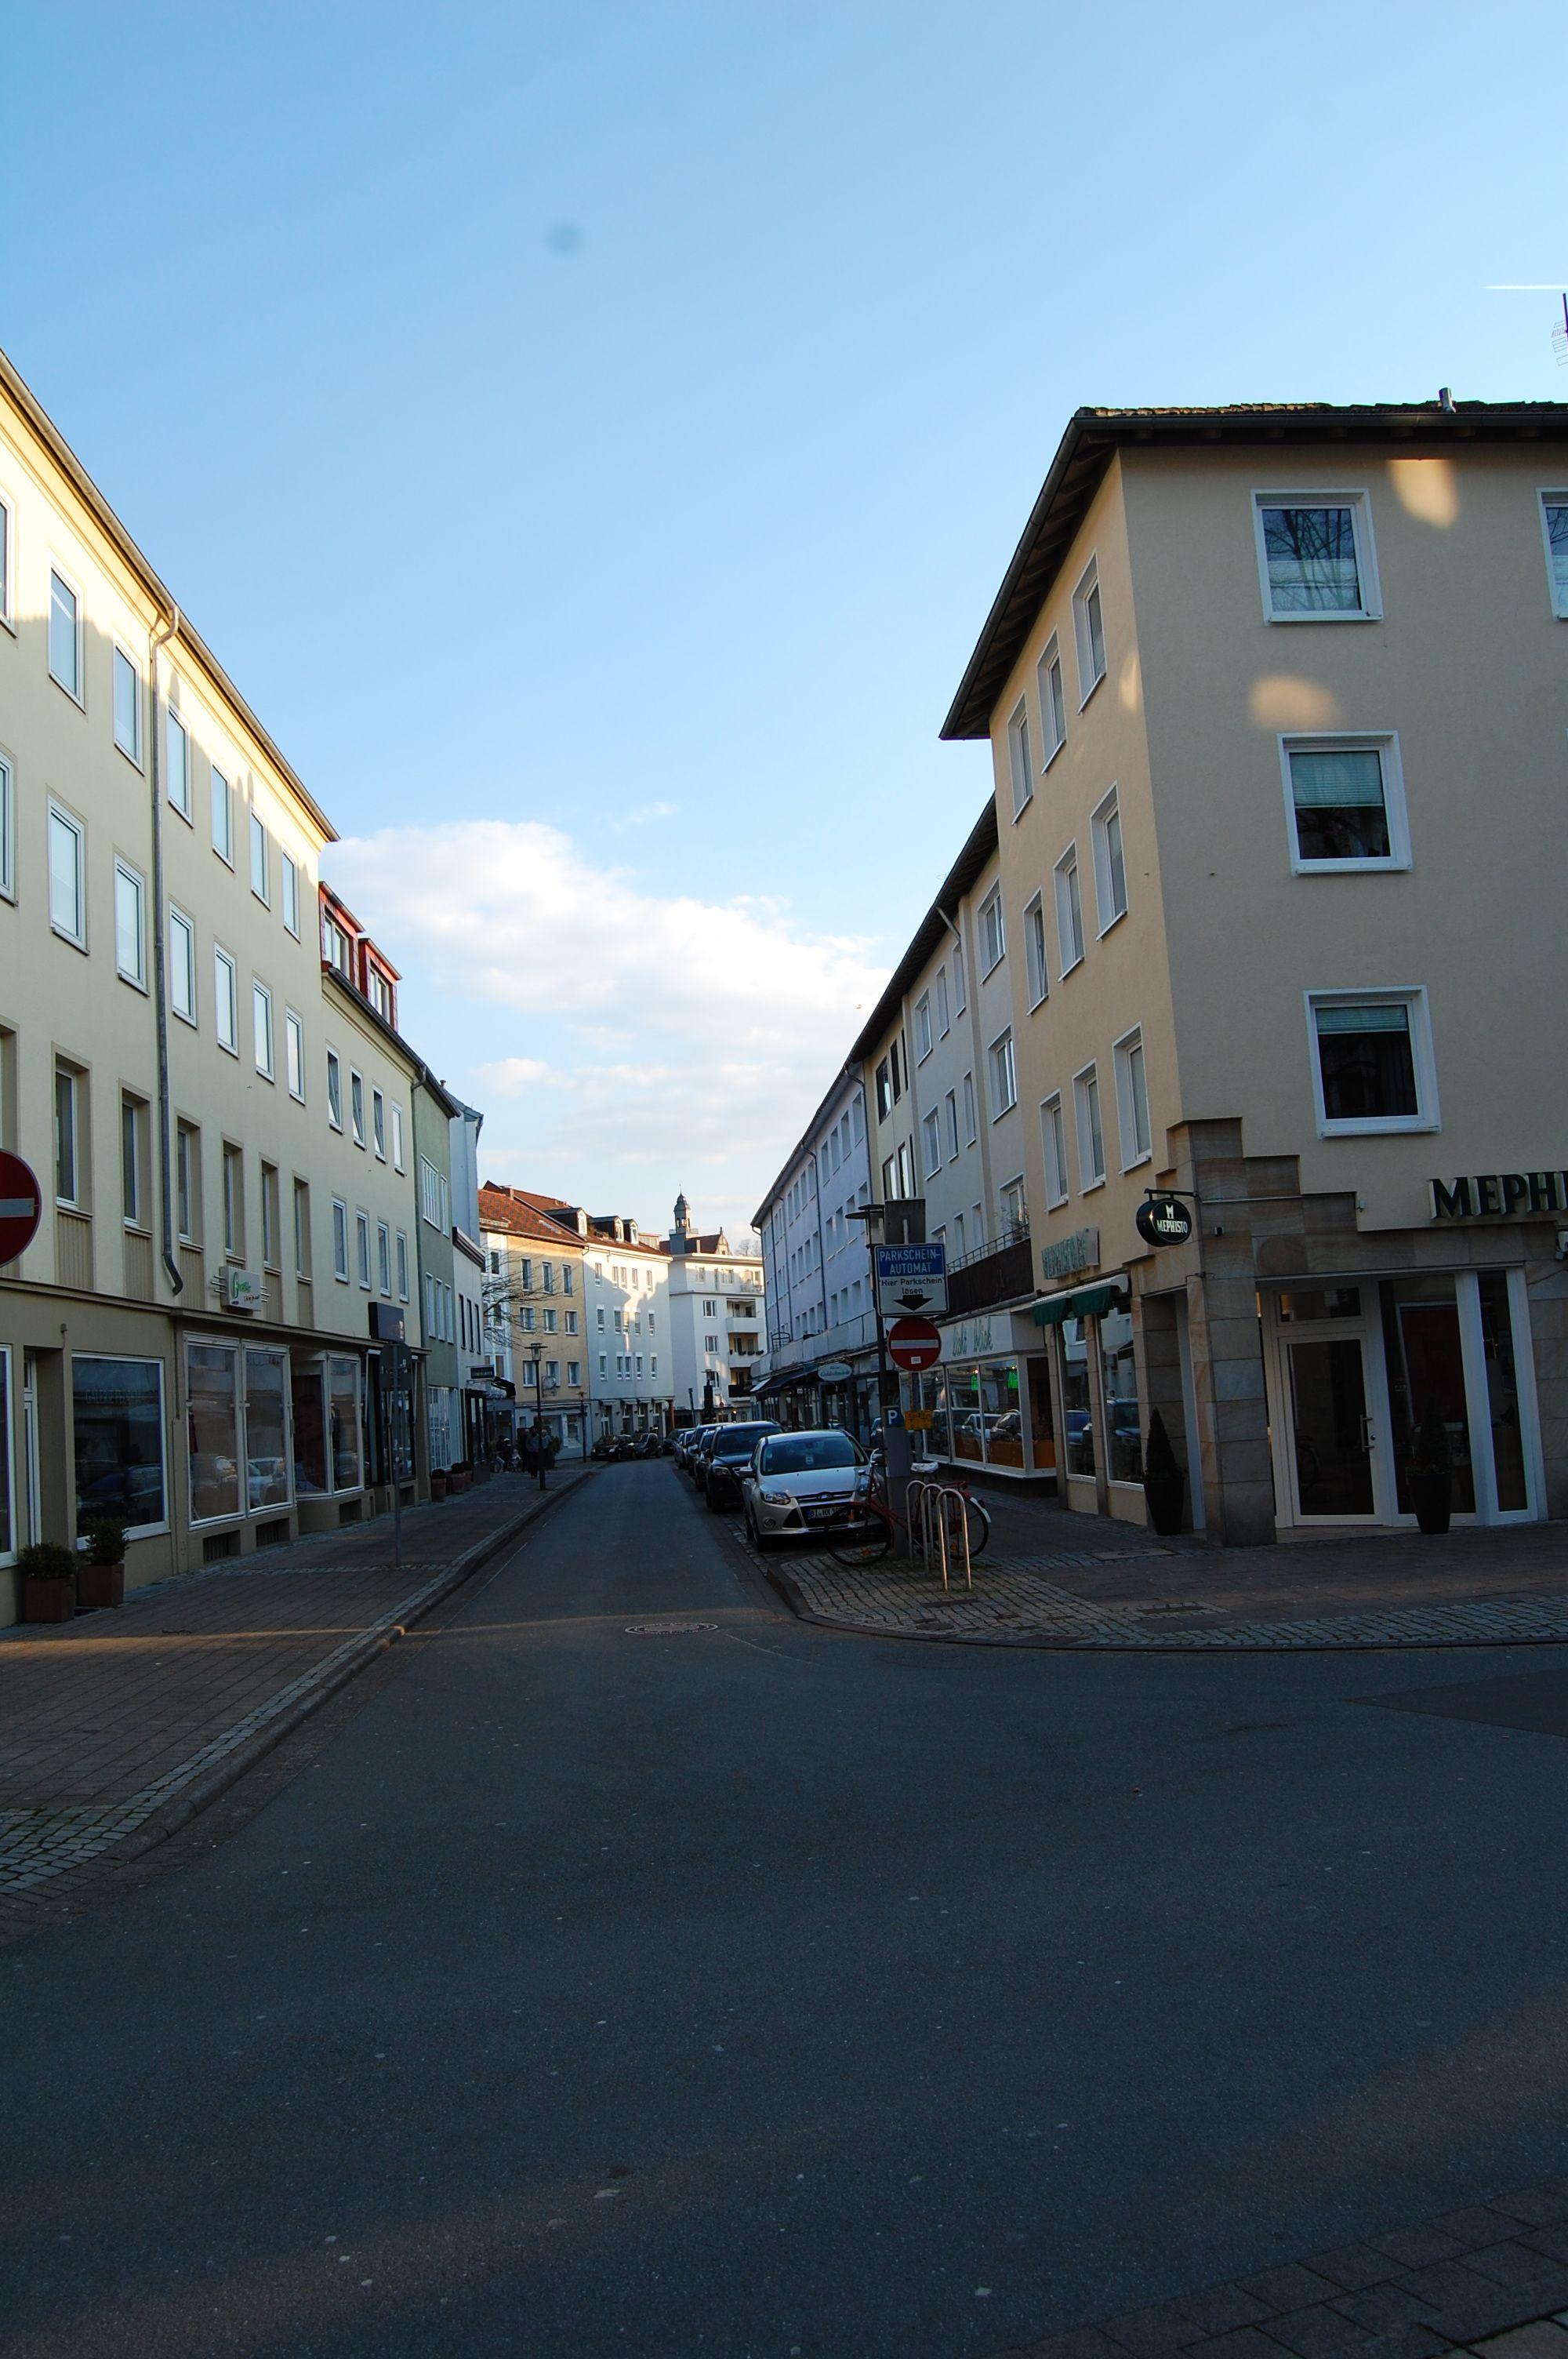 Stadt Bielefeld - Blick in die Straße Gehrenberg   Stadt